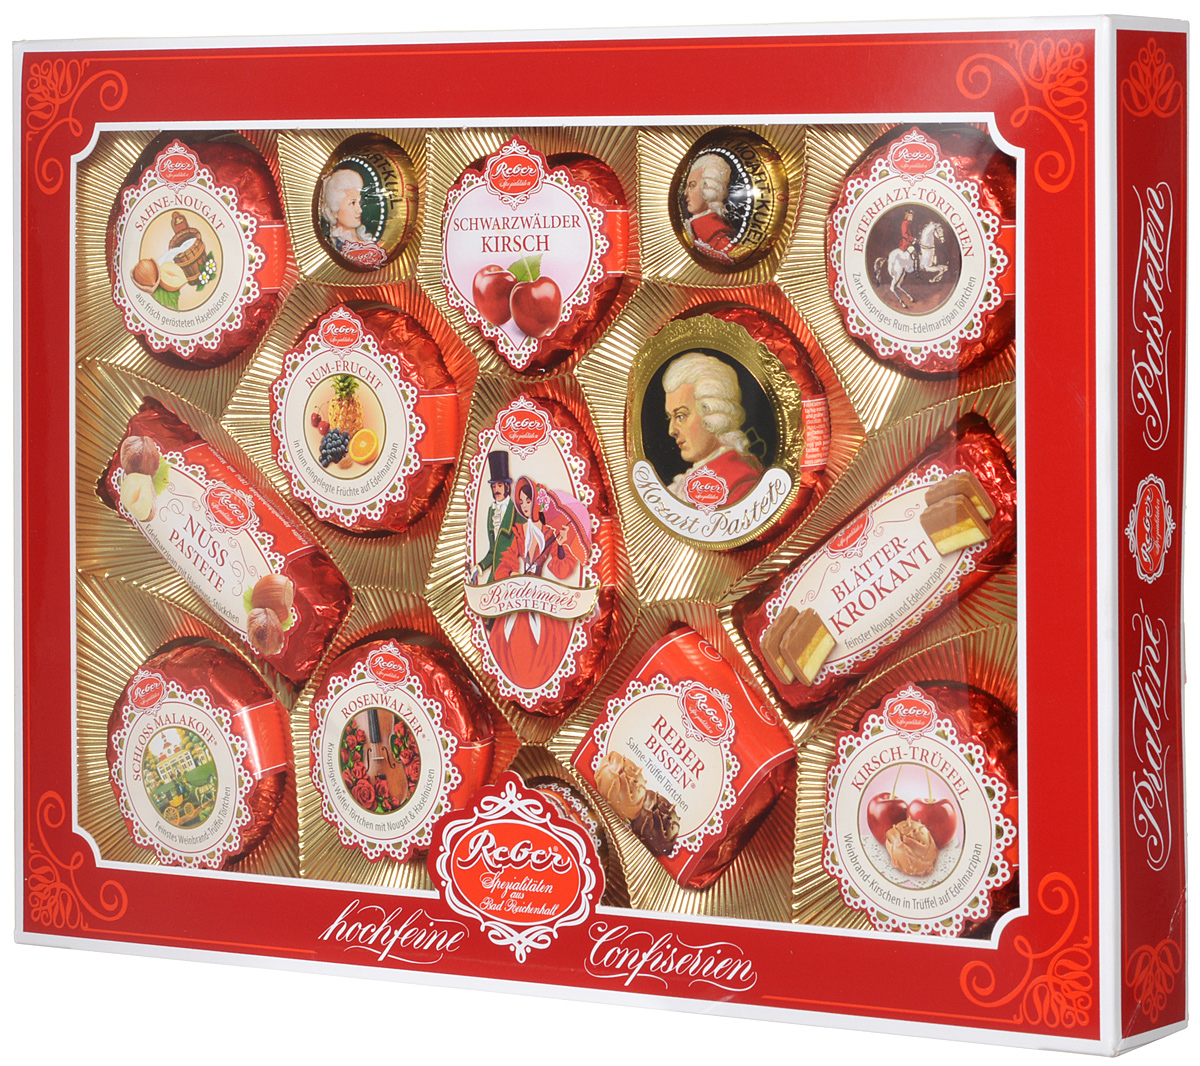 Reber Mozart подарочный набор шоколадных конфет, 525 г (коробка с окном) reber mozart kugeln конфеты с молочным шоколадом 120 г